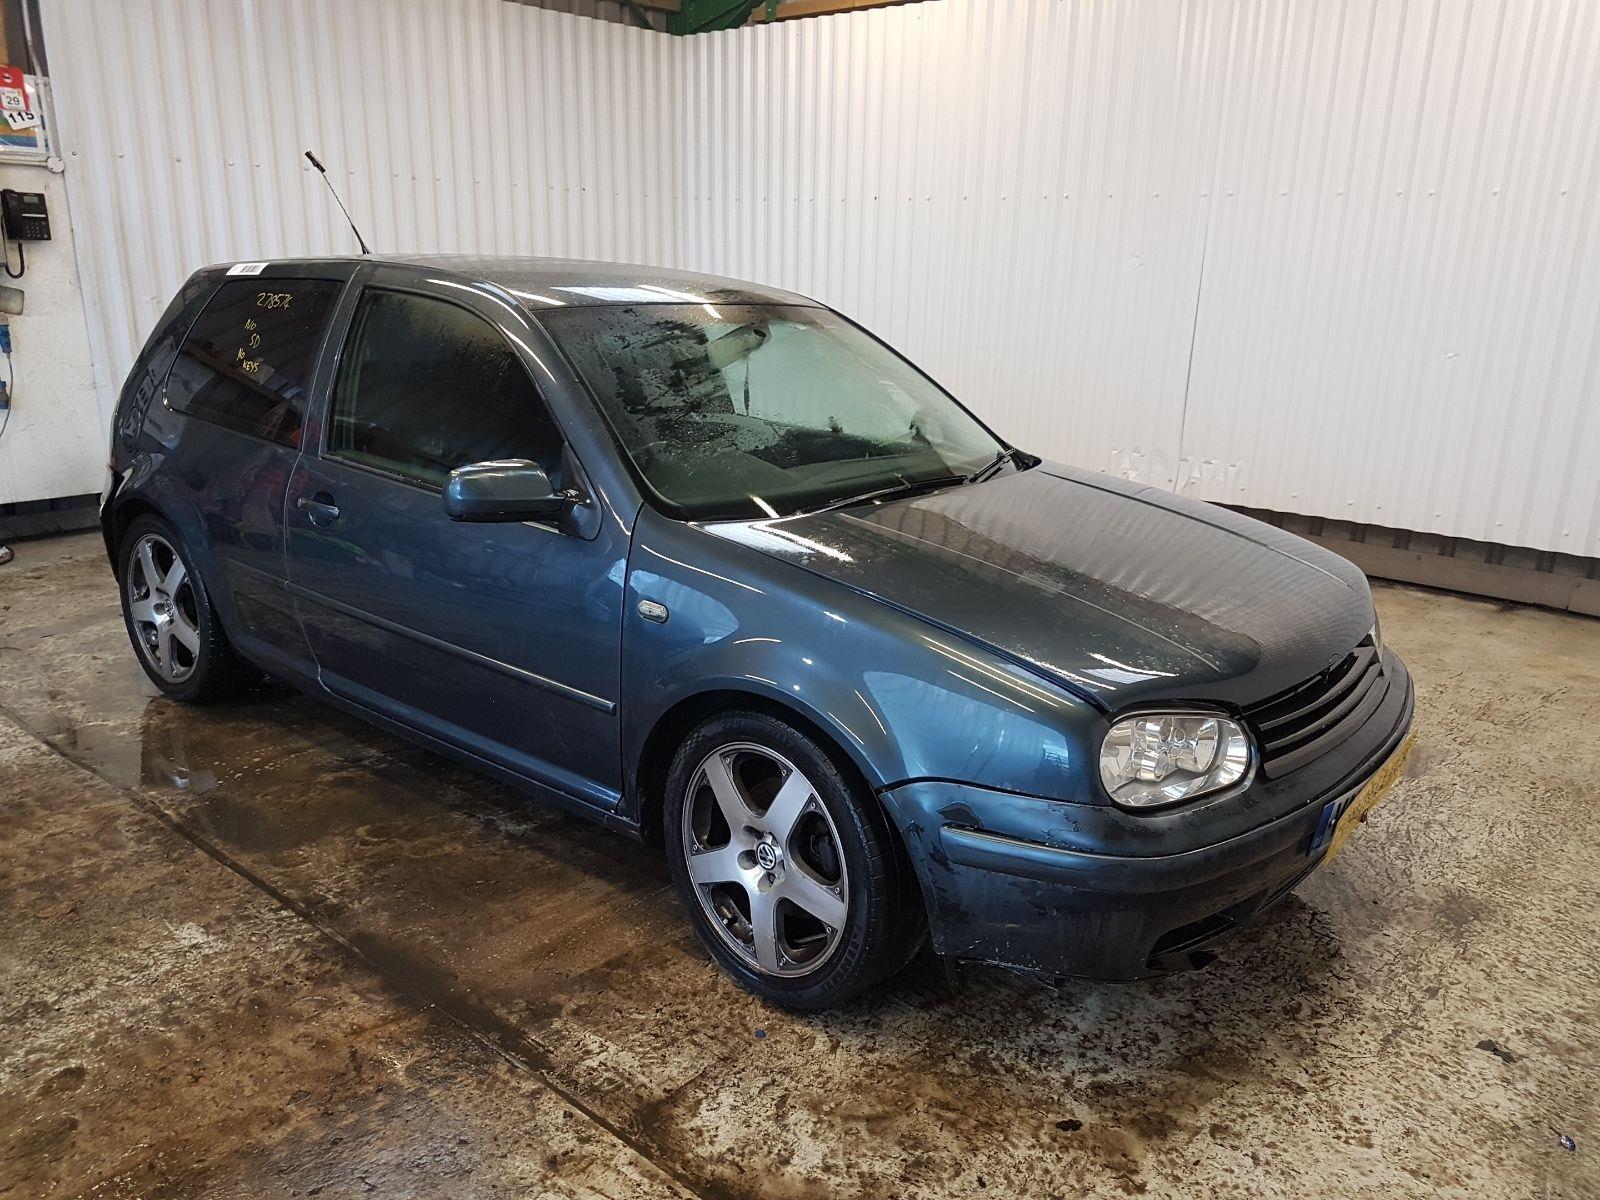 Volkswagen Golf (mk4) 1997 To 2003 PD GT TDi 3 Door Hatchback